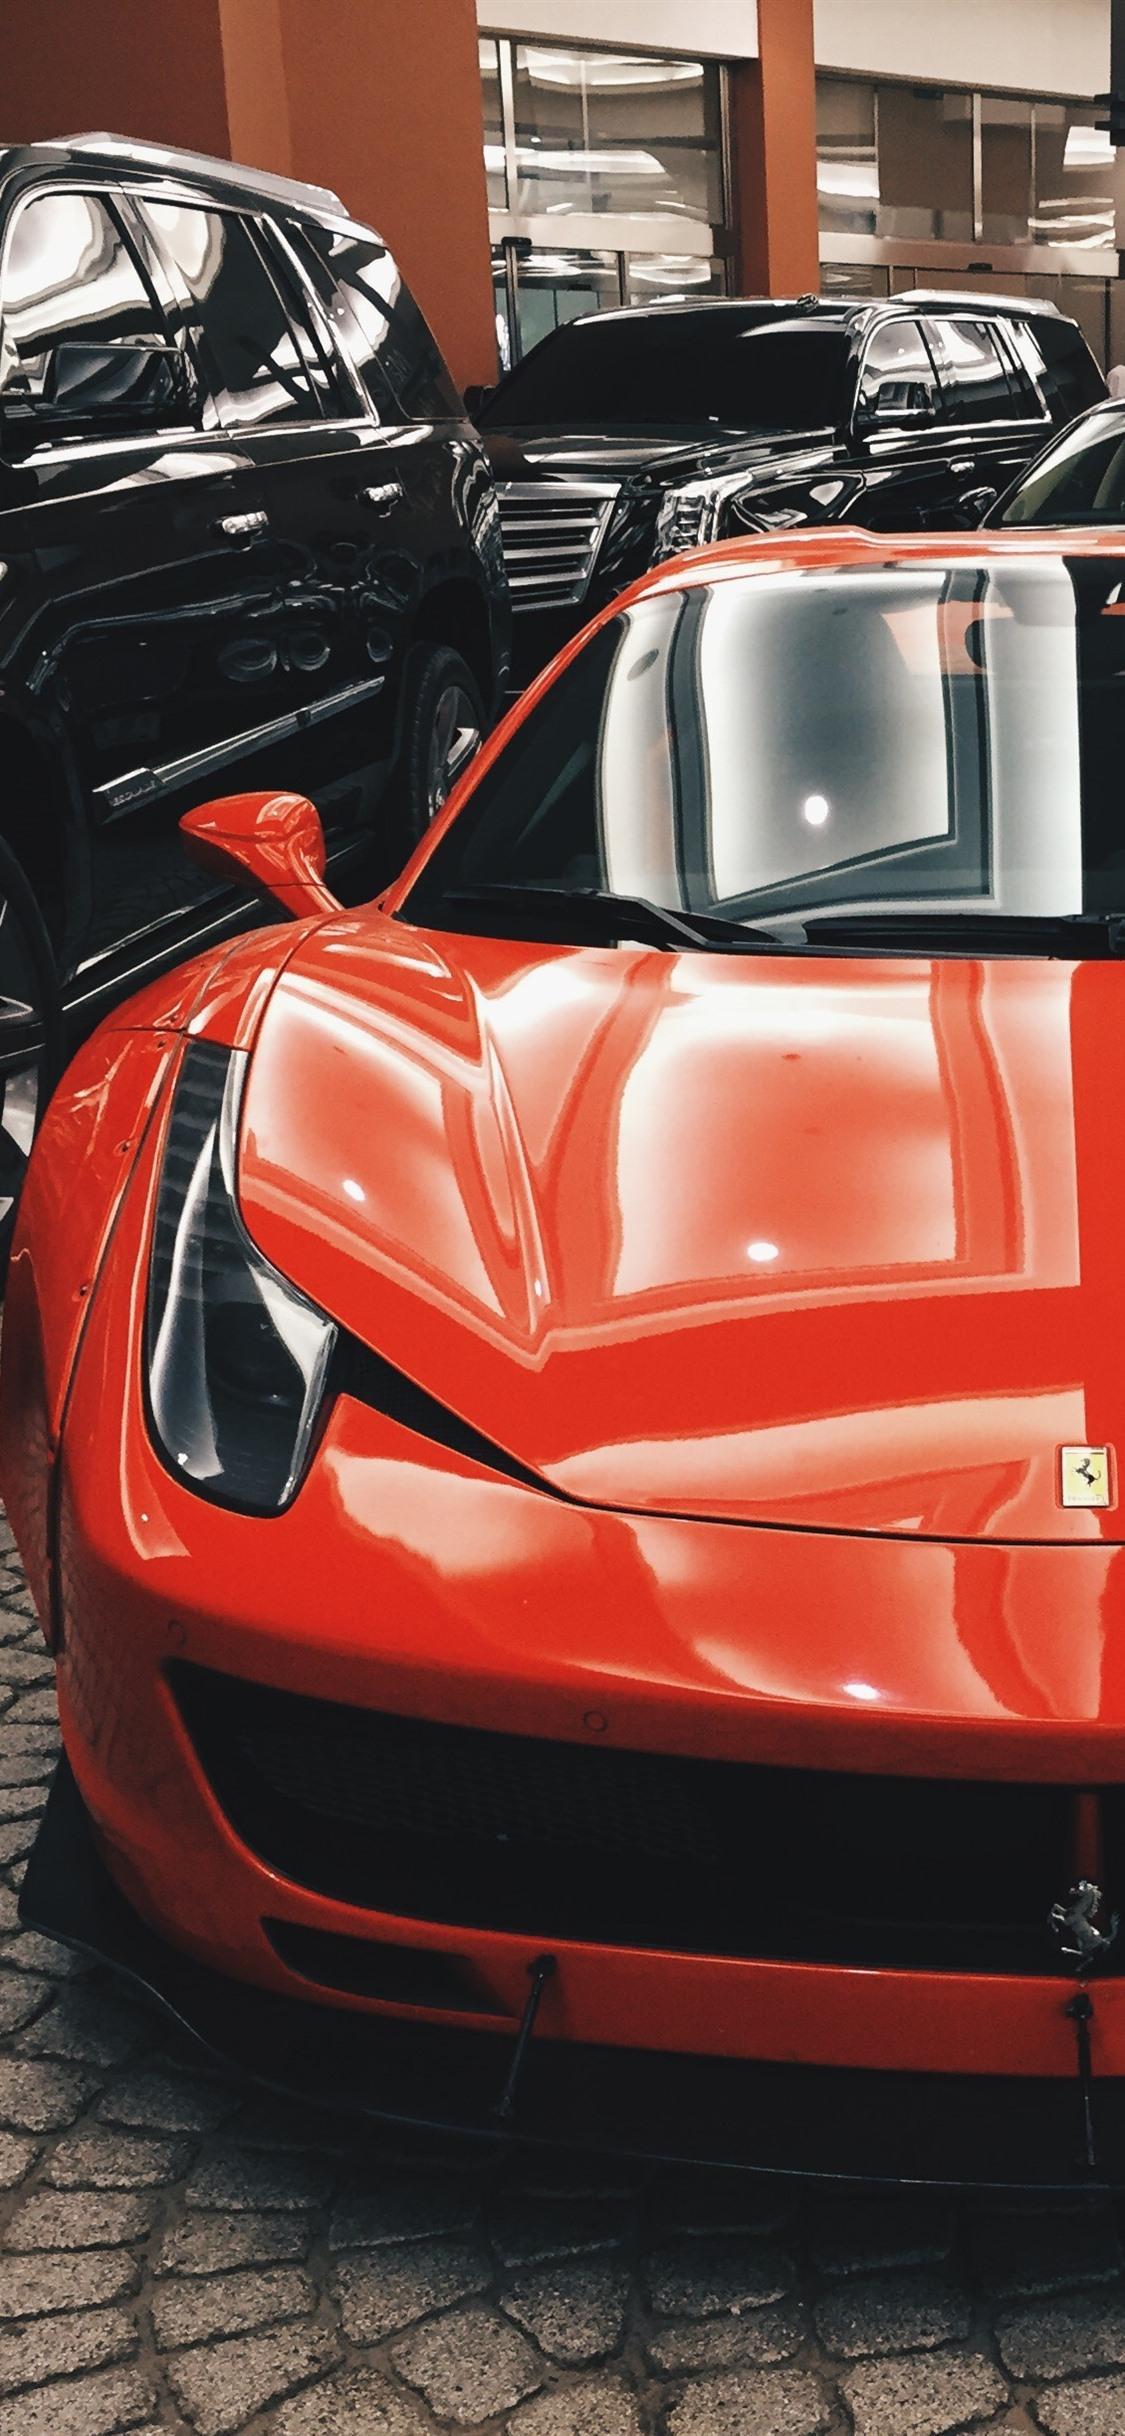 Ferrari Orange Supercar Front View 1125x2436 Iphone Xs X